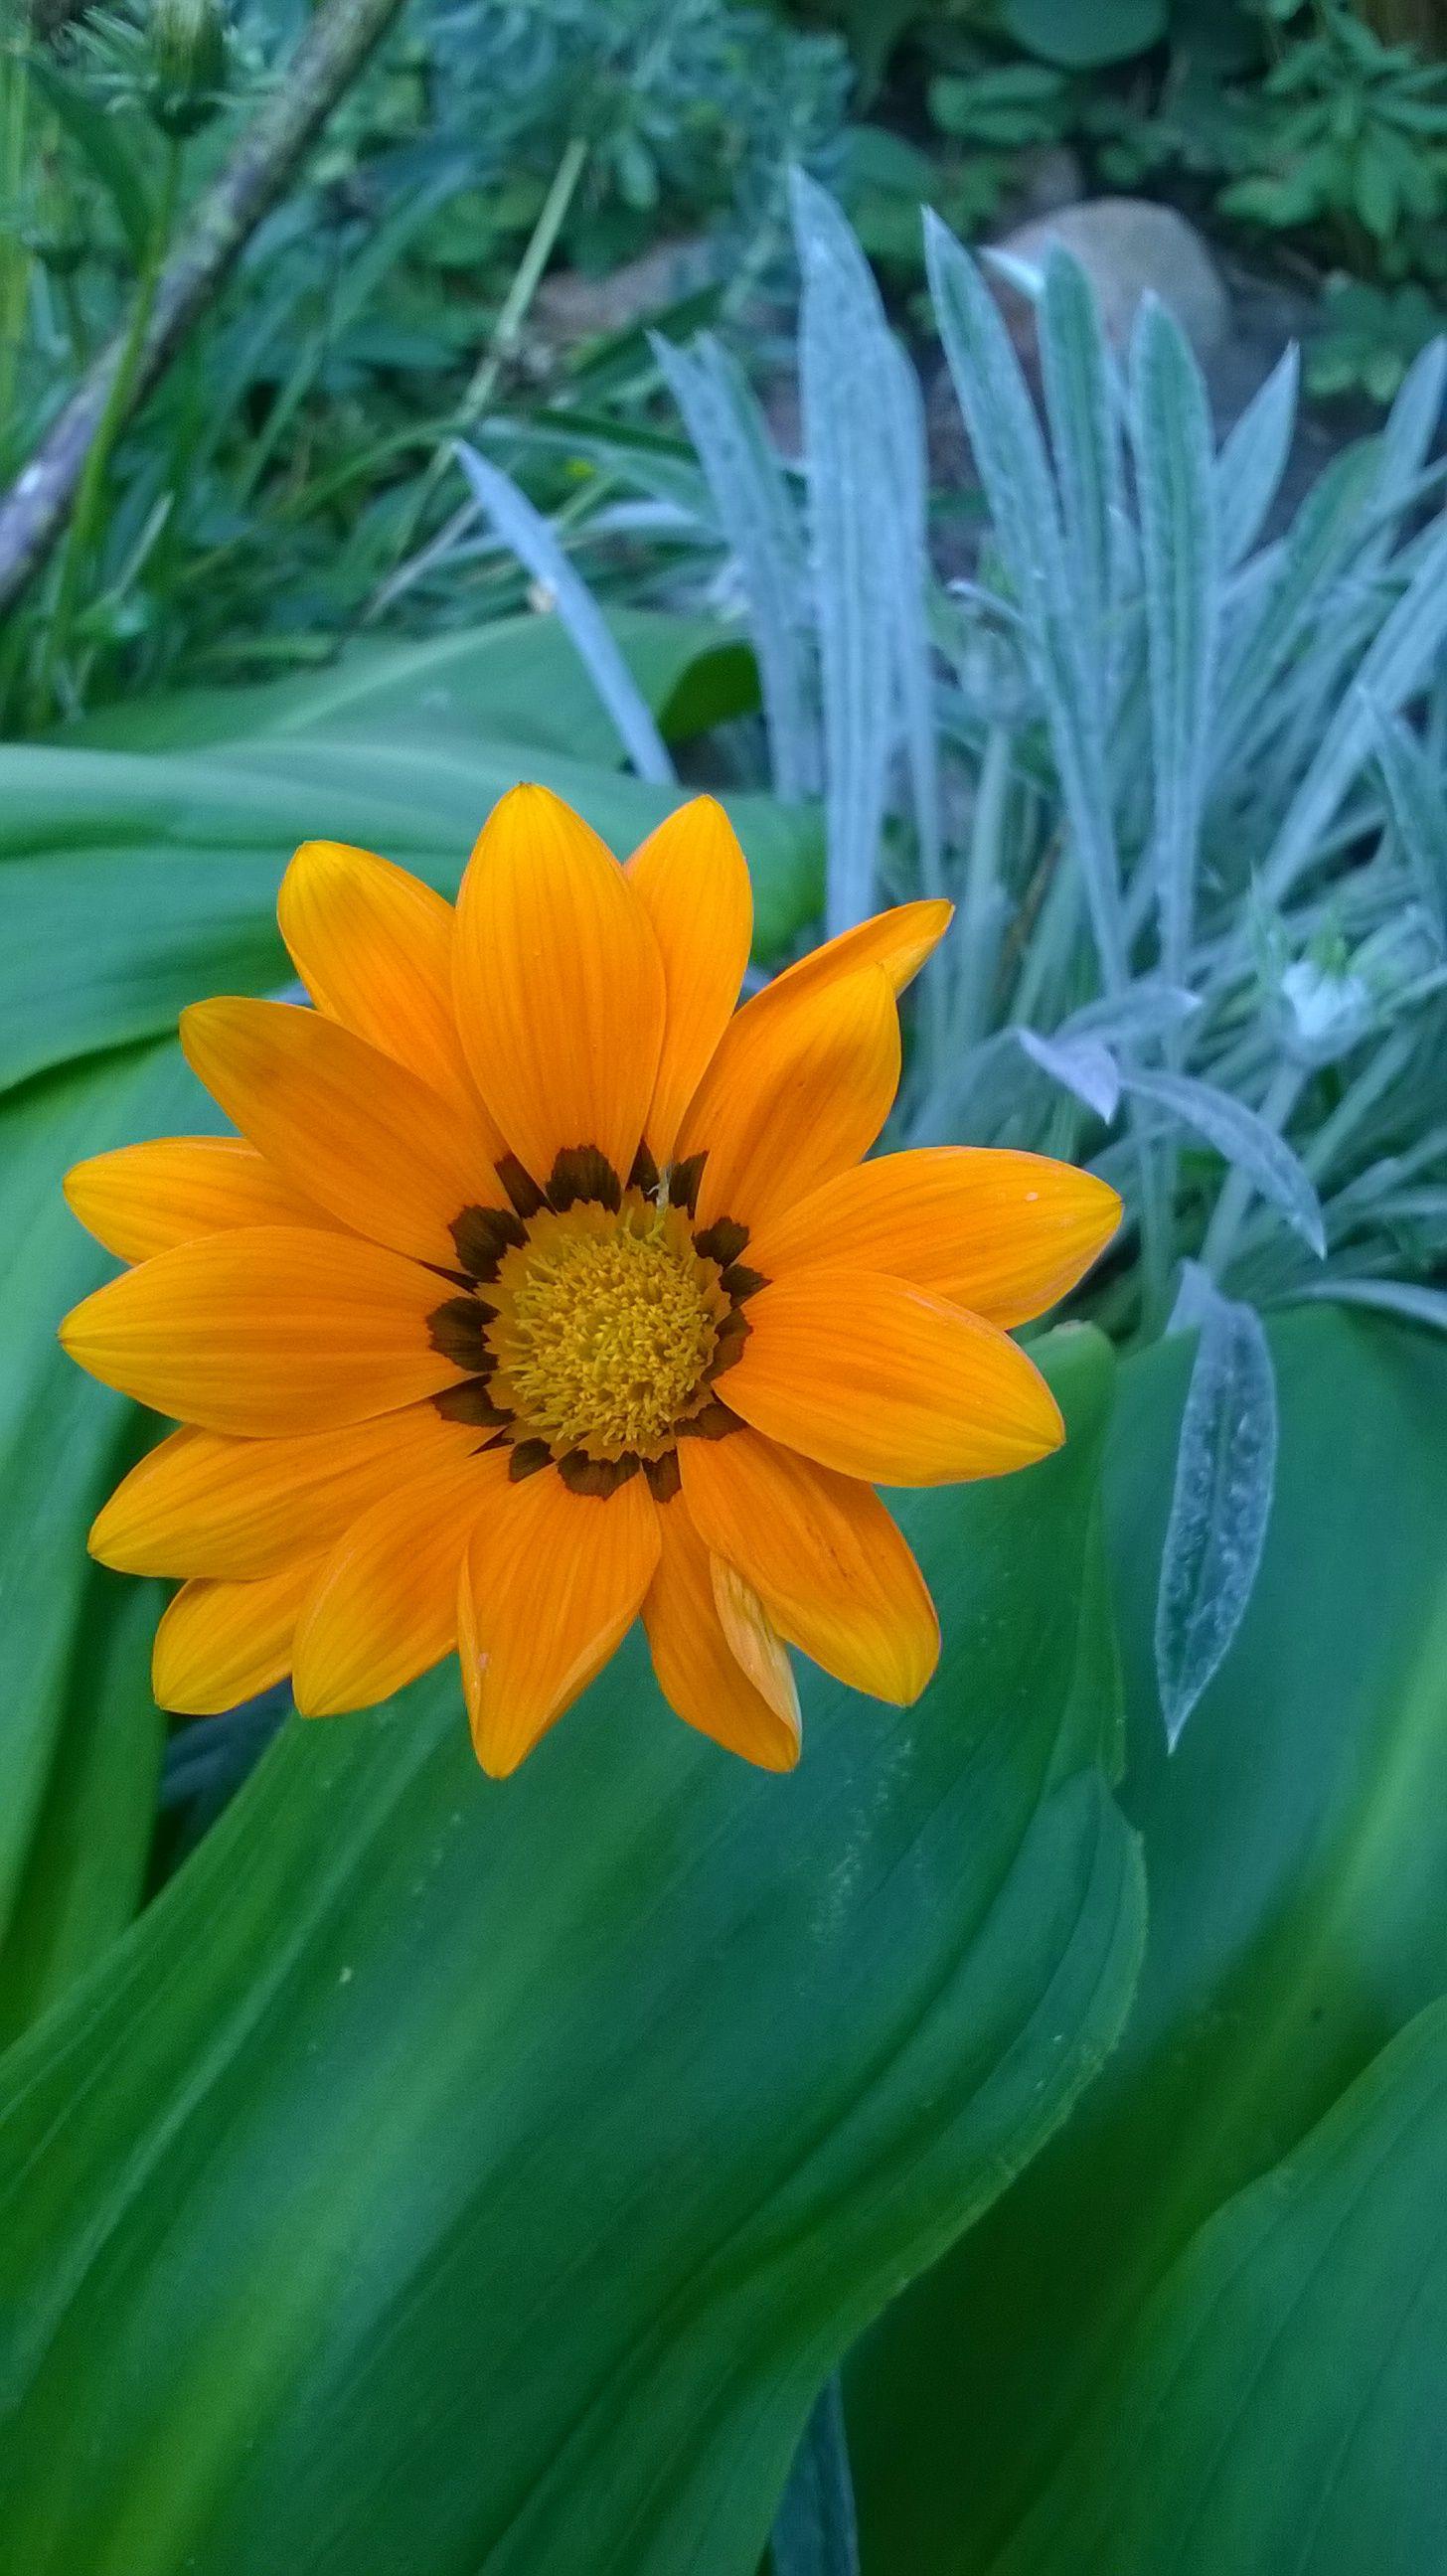 Kwiaty Wiosny Narcyzy Az Ogrodnictwo Bulb Flowers Geraniums Narcissus